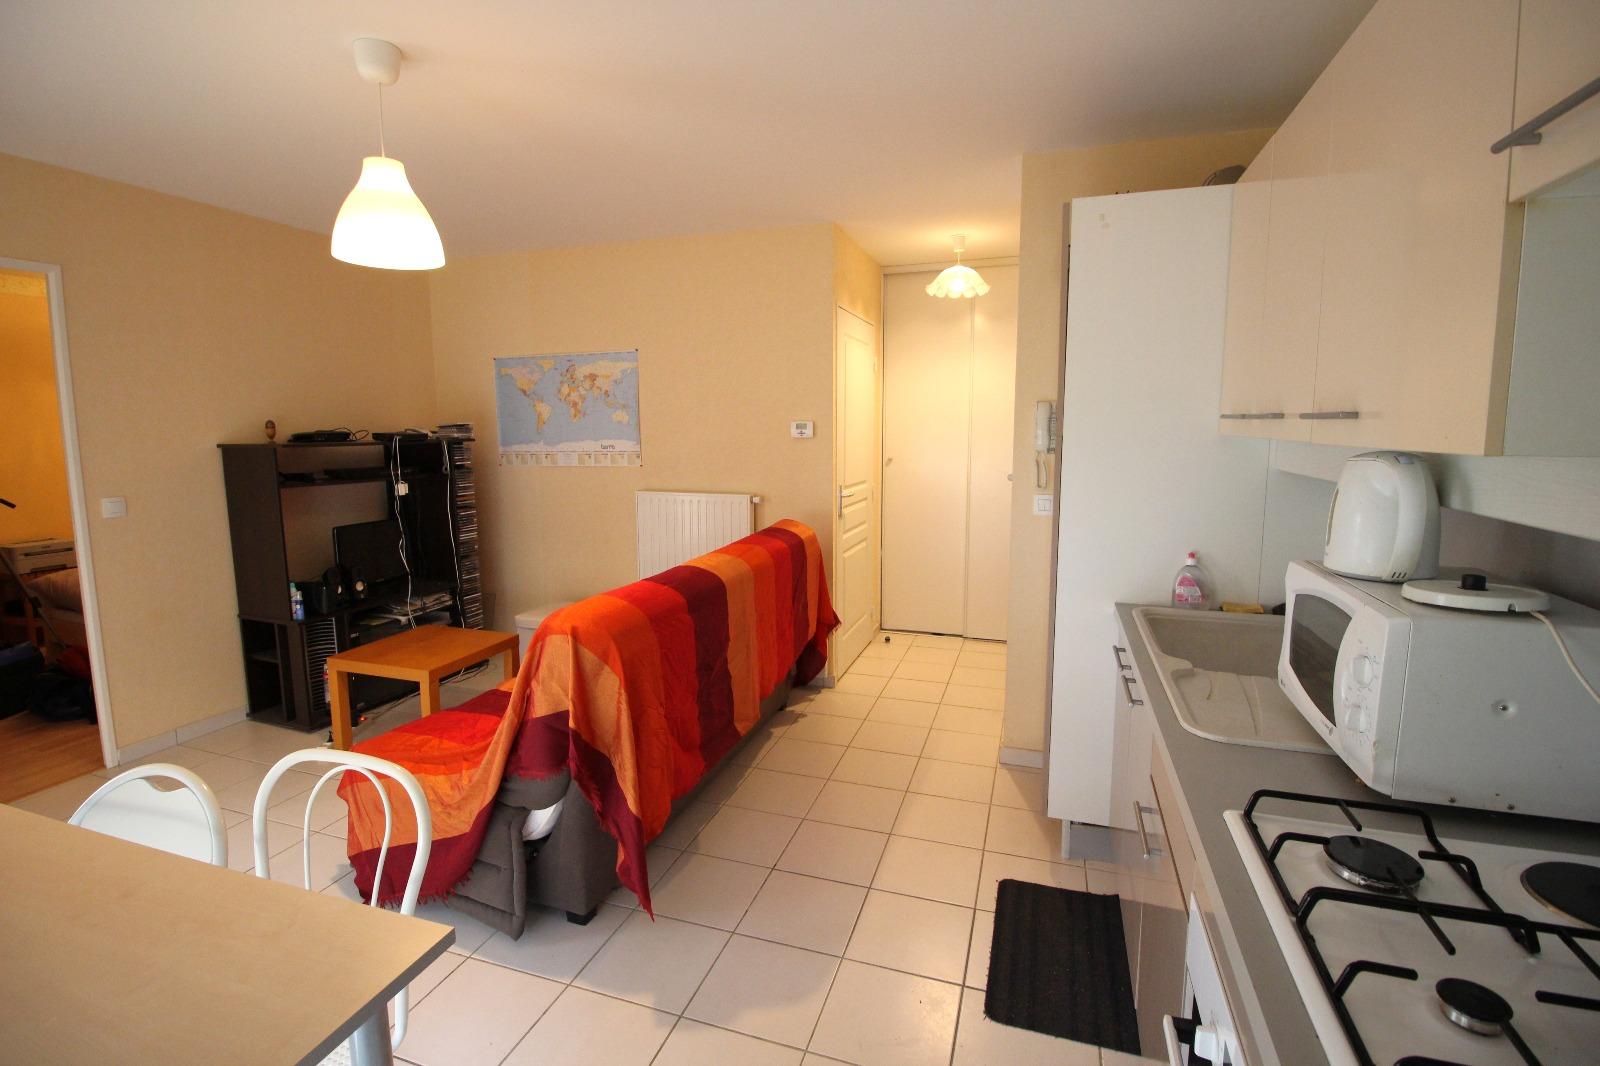 vente lons le saunier 39000 appartement f2 de 38 m avec balcon pour investisseur - Cours De Cuisine Lons Le Saunier